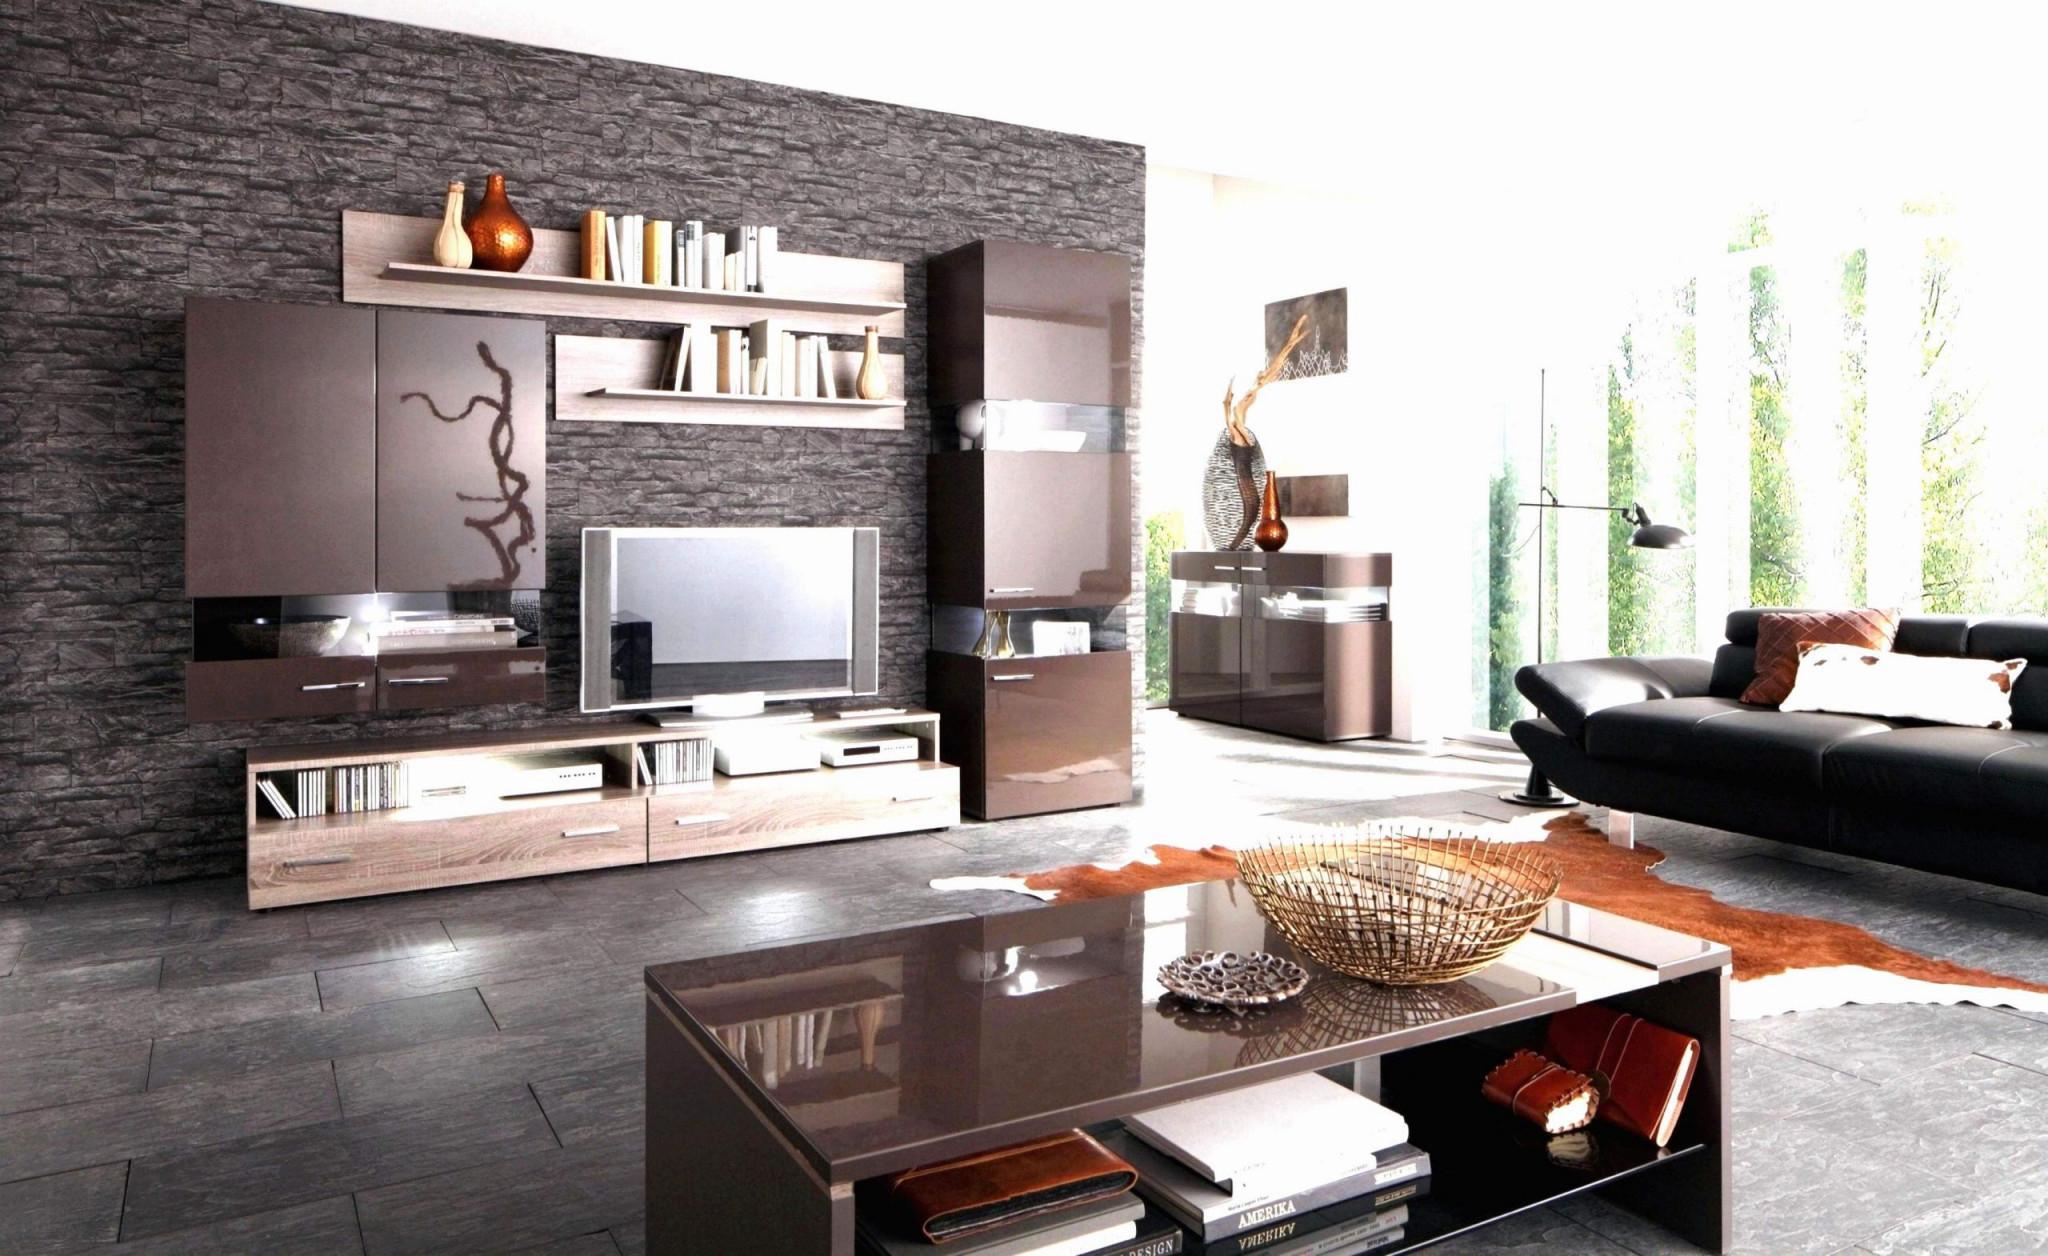 40 Inspirierend Wohnzimmer Braun Beige Neu  Wohnzimmer Frisch von Wohnzimmer Ideen Braun Beige Bild